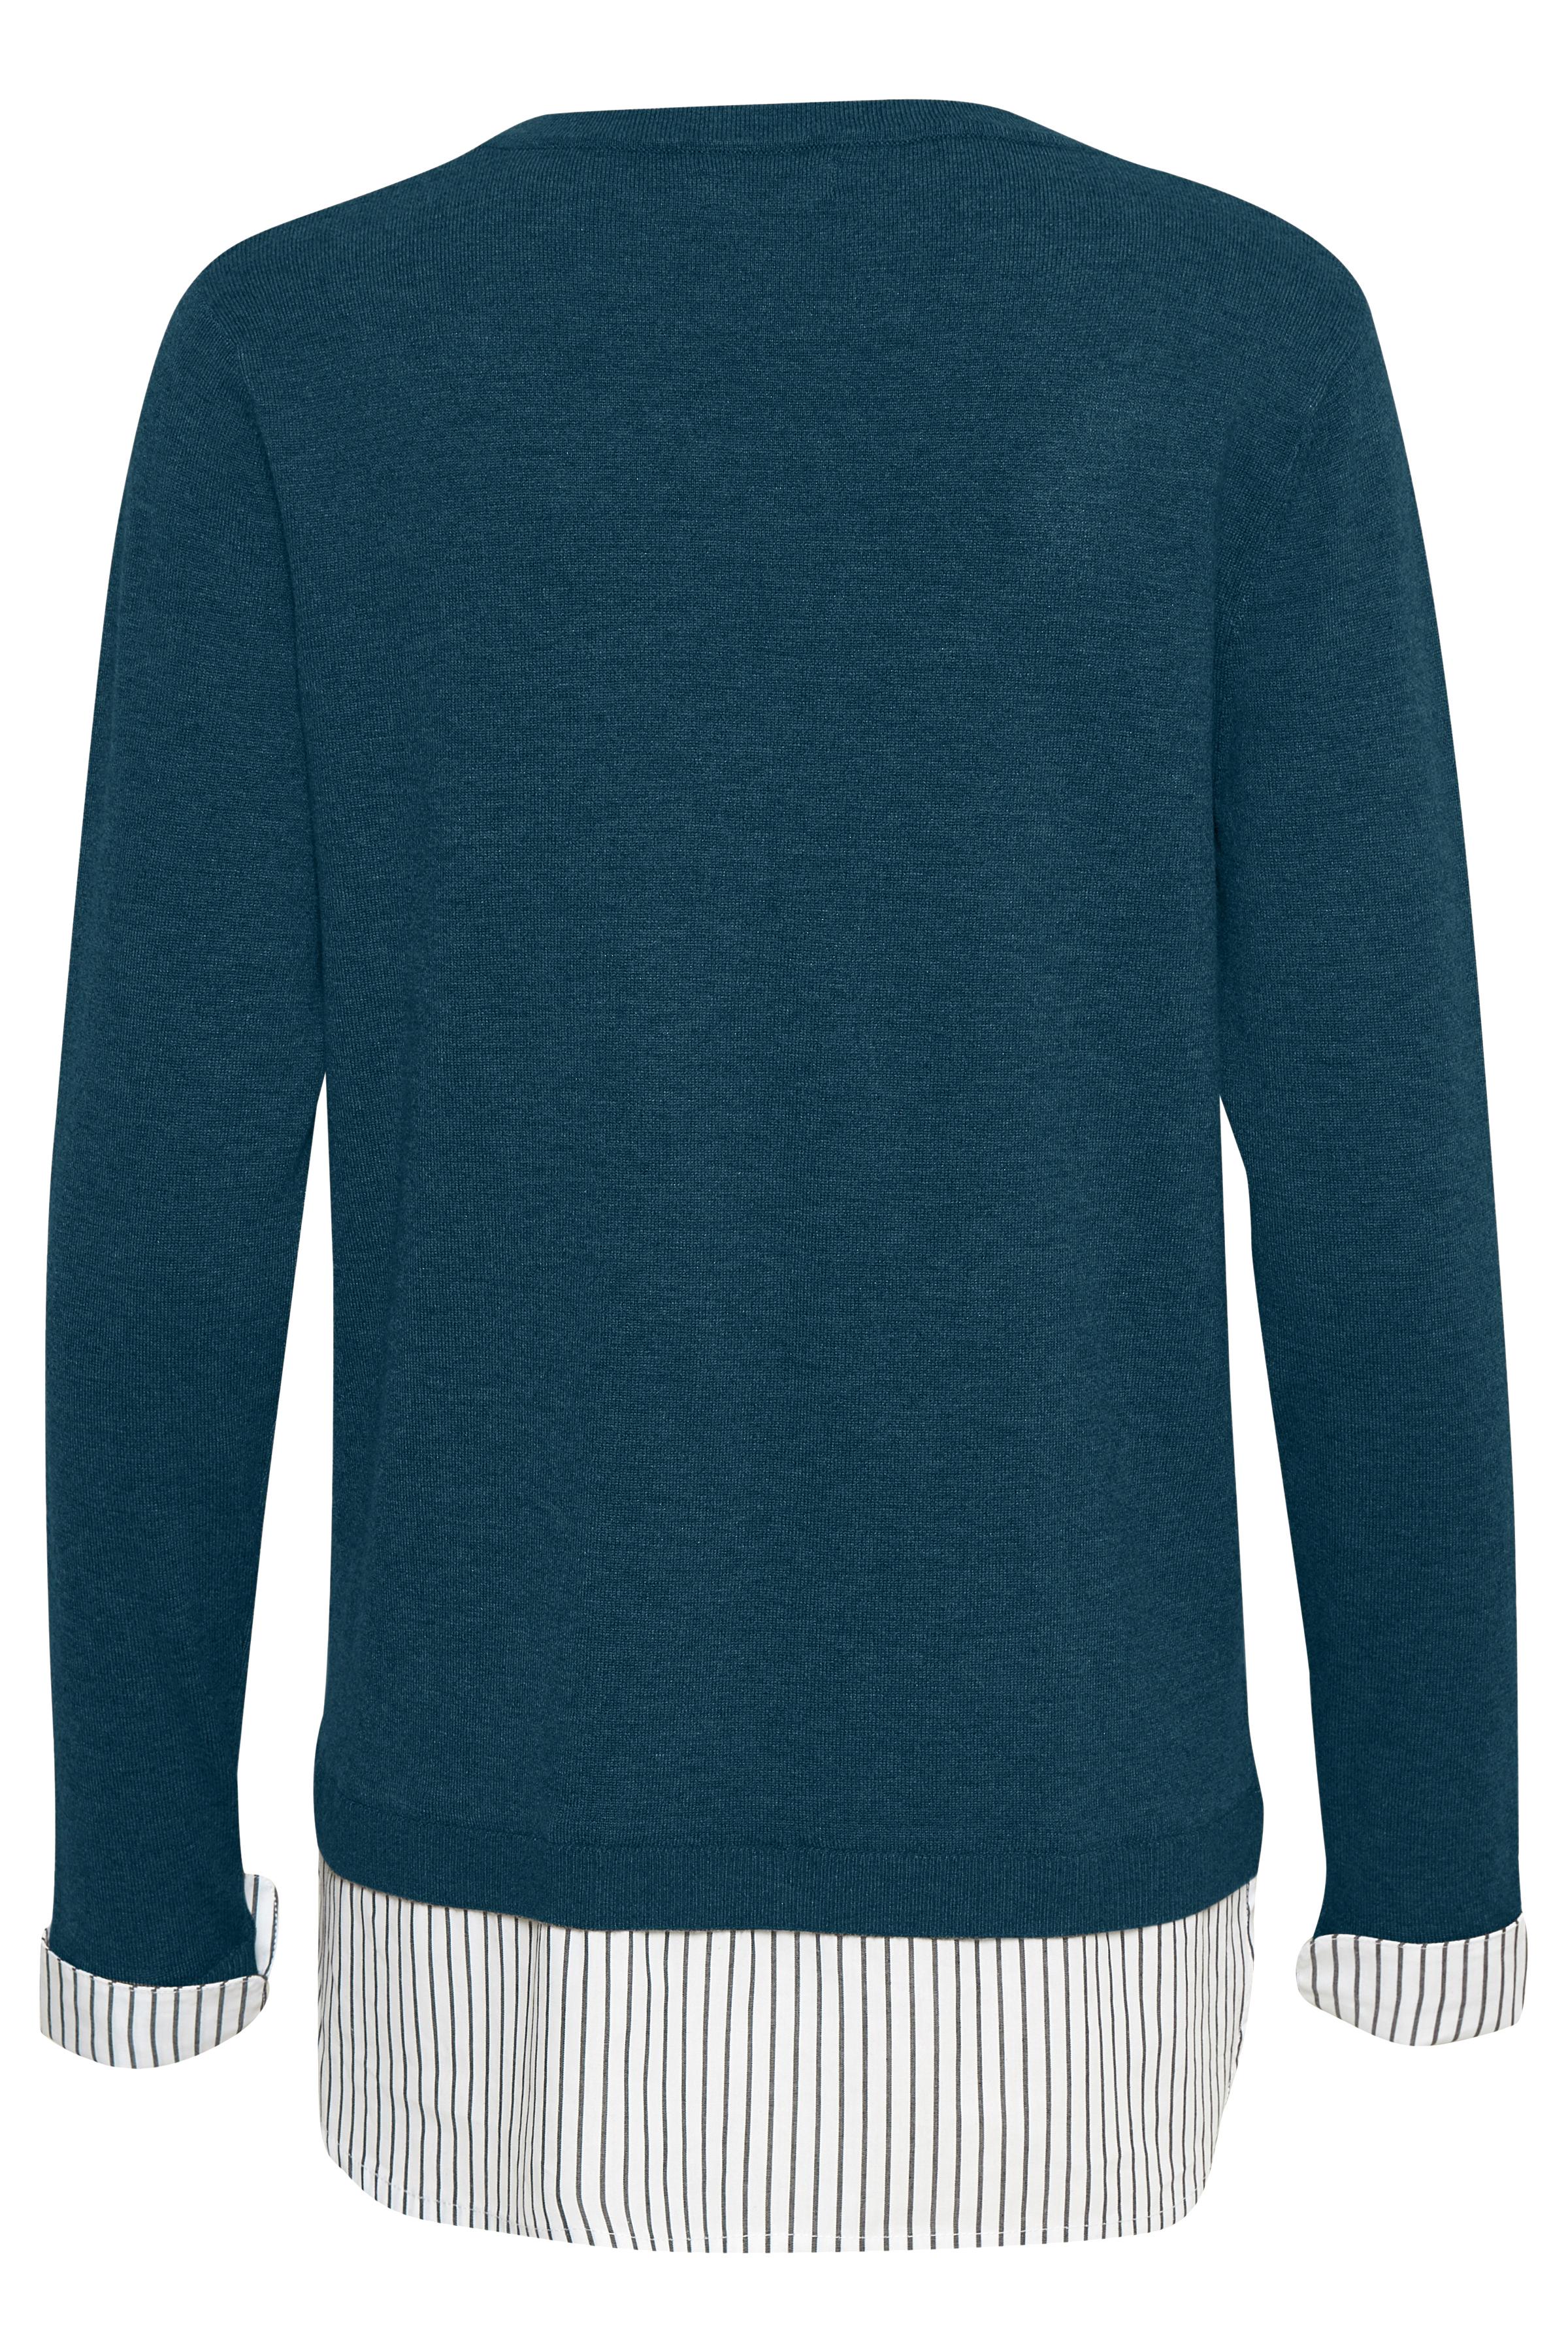 Mørk marineblå Langærmet bluse fra Bon'A Parte – Køb Mørk marineblå Langærmet bluse fra str. S-2XL her